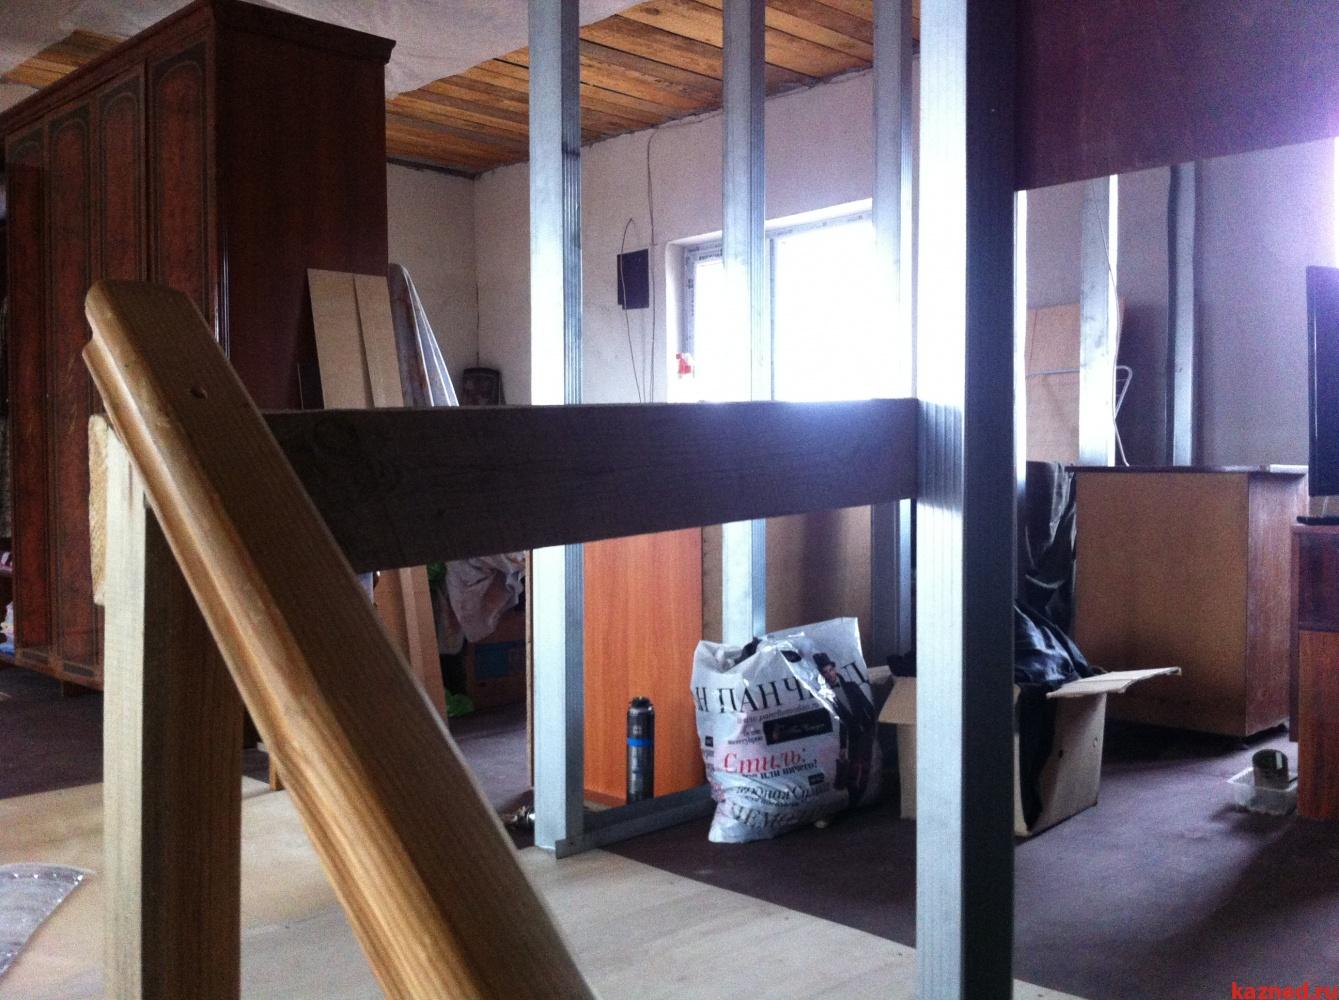 2-х эт.квартира, в Танхаусе, 100 кв.м., пос.Константиновка (миниатюра №12)